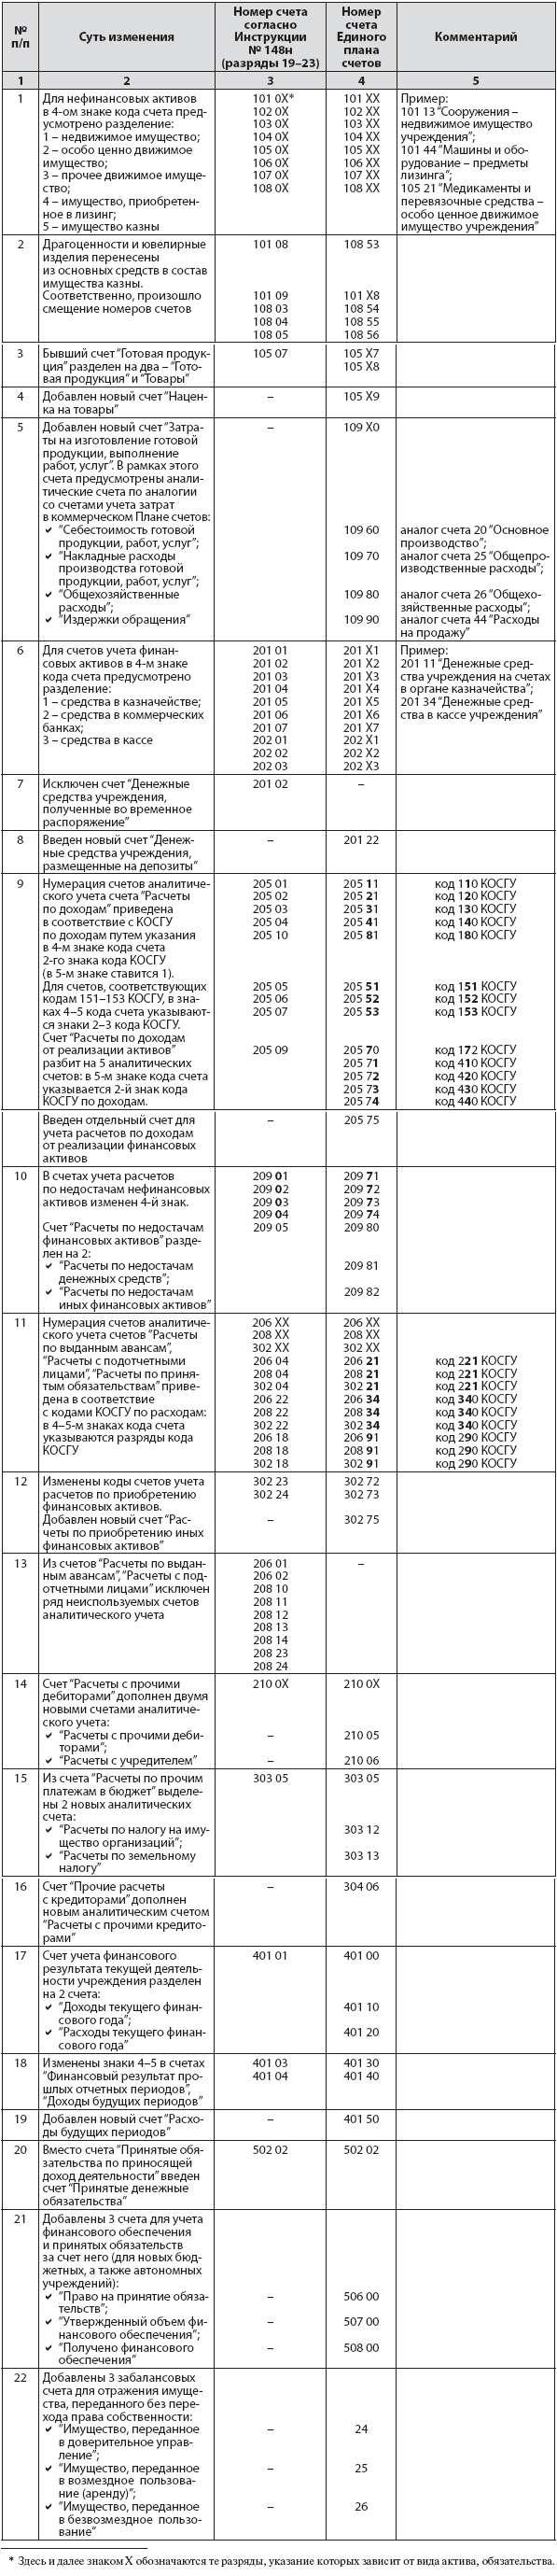 инструкция по бюджетному учету 183 н